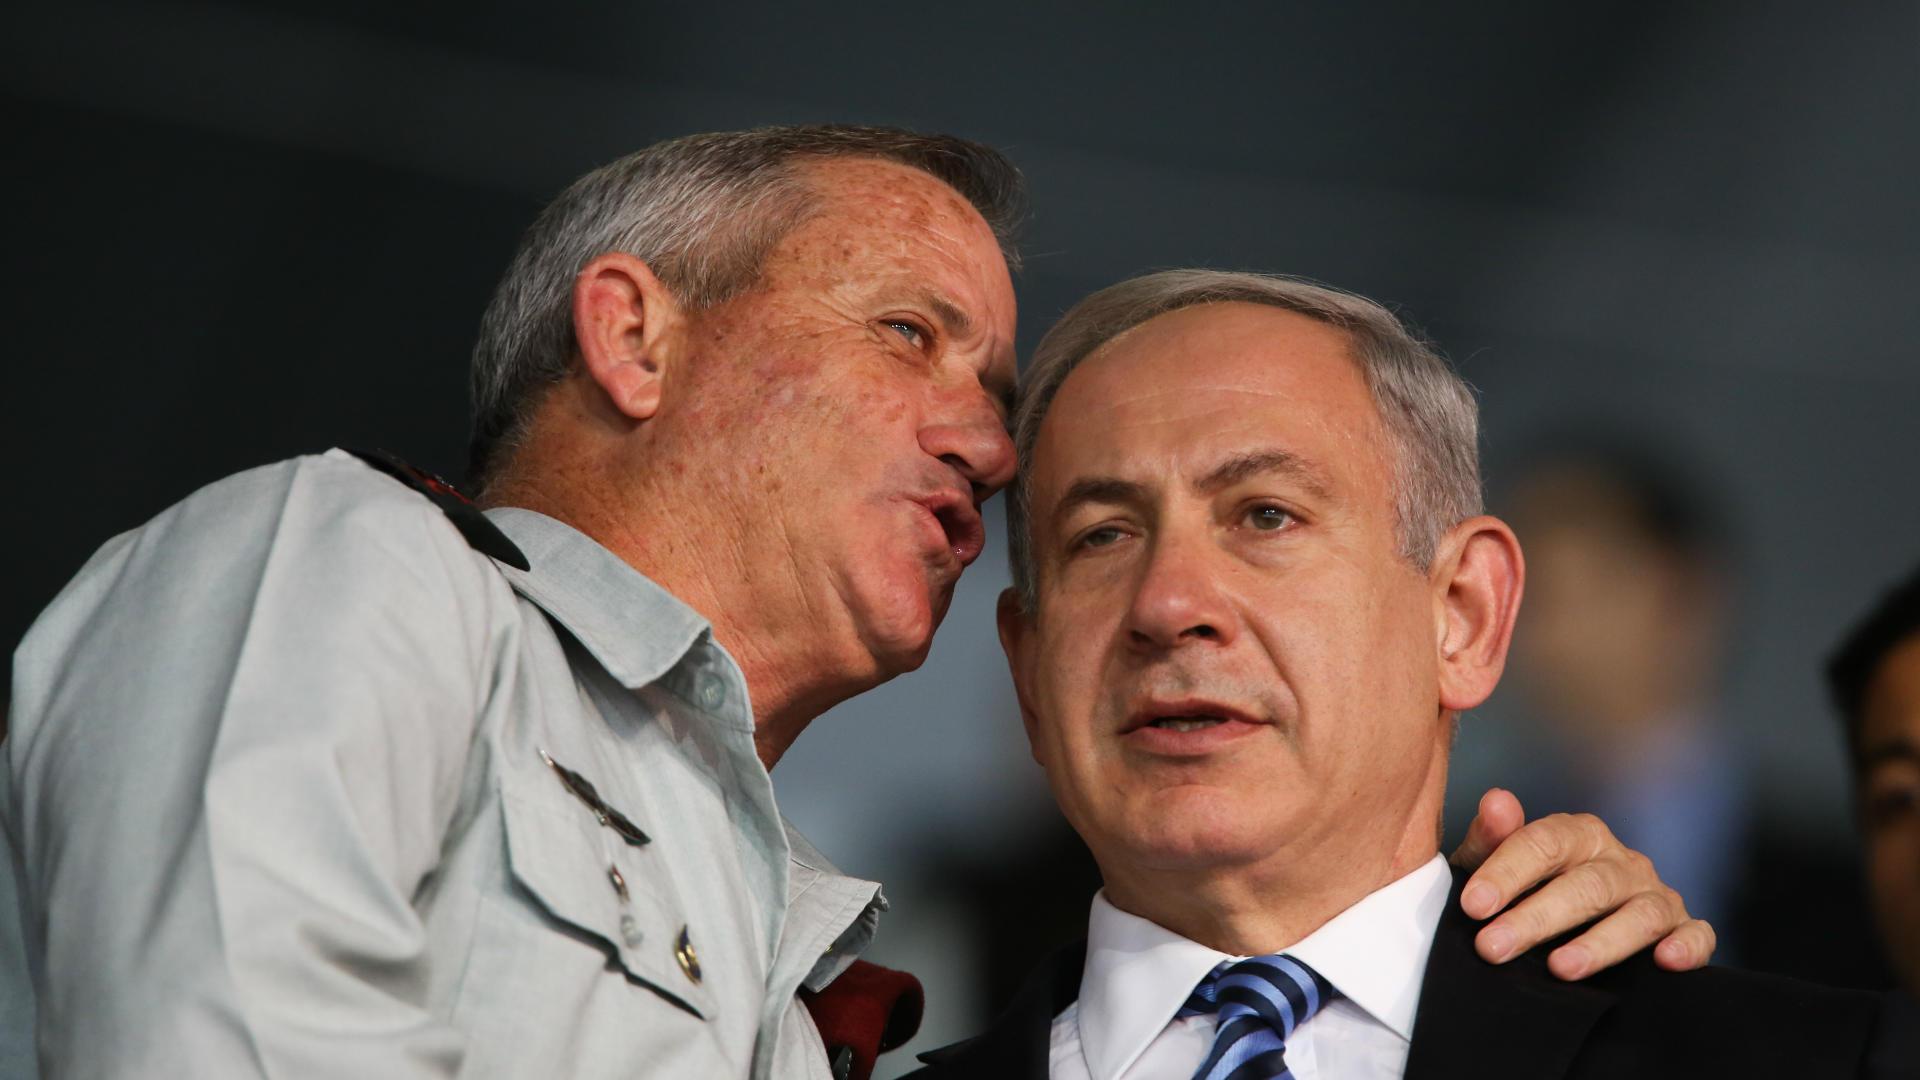 أحزاب الوسط الإسرائيلية: فرصة لإنهاء سيطرة الليكود